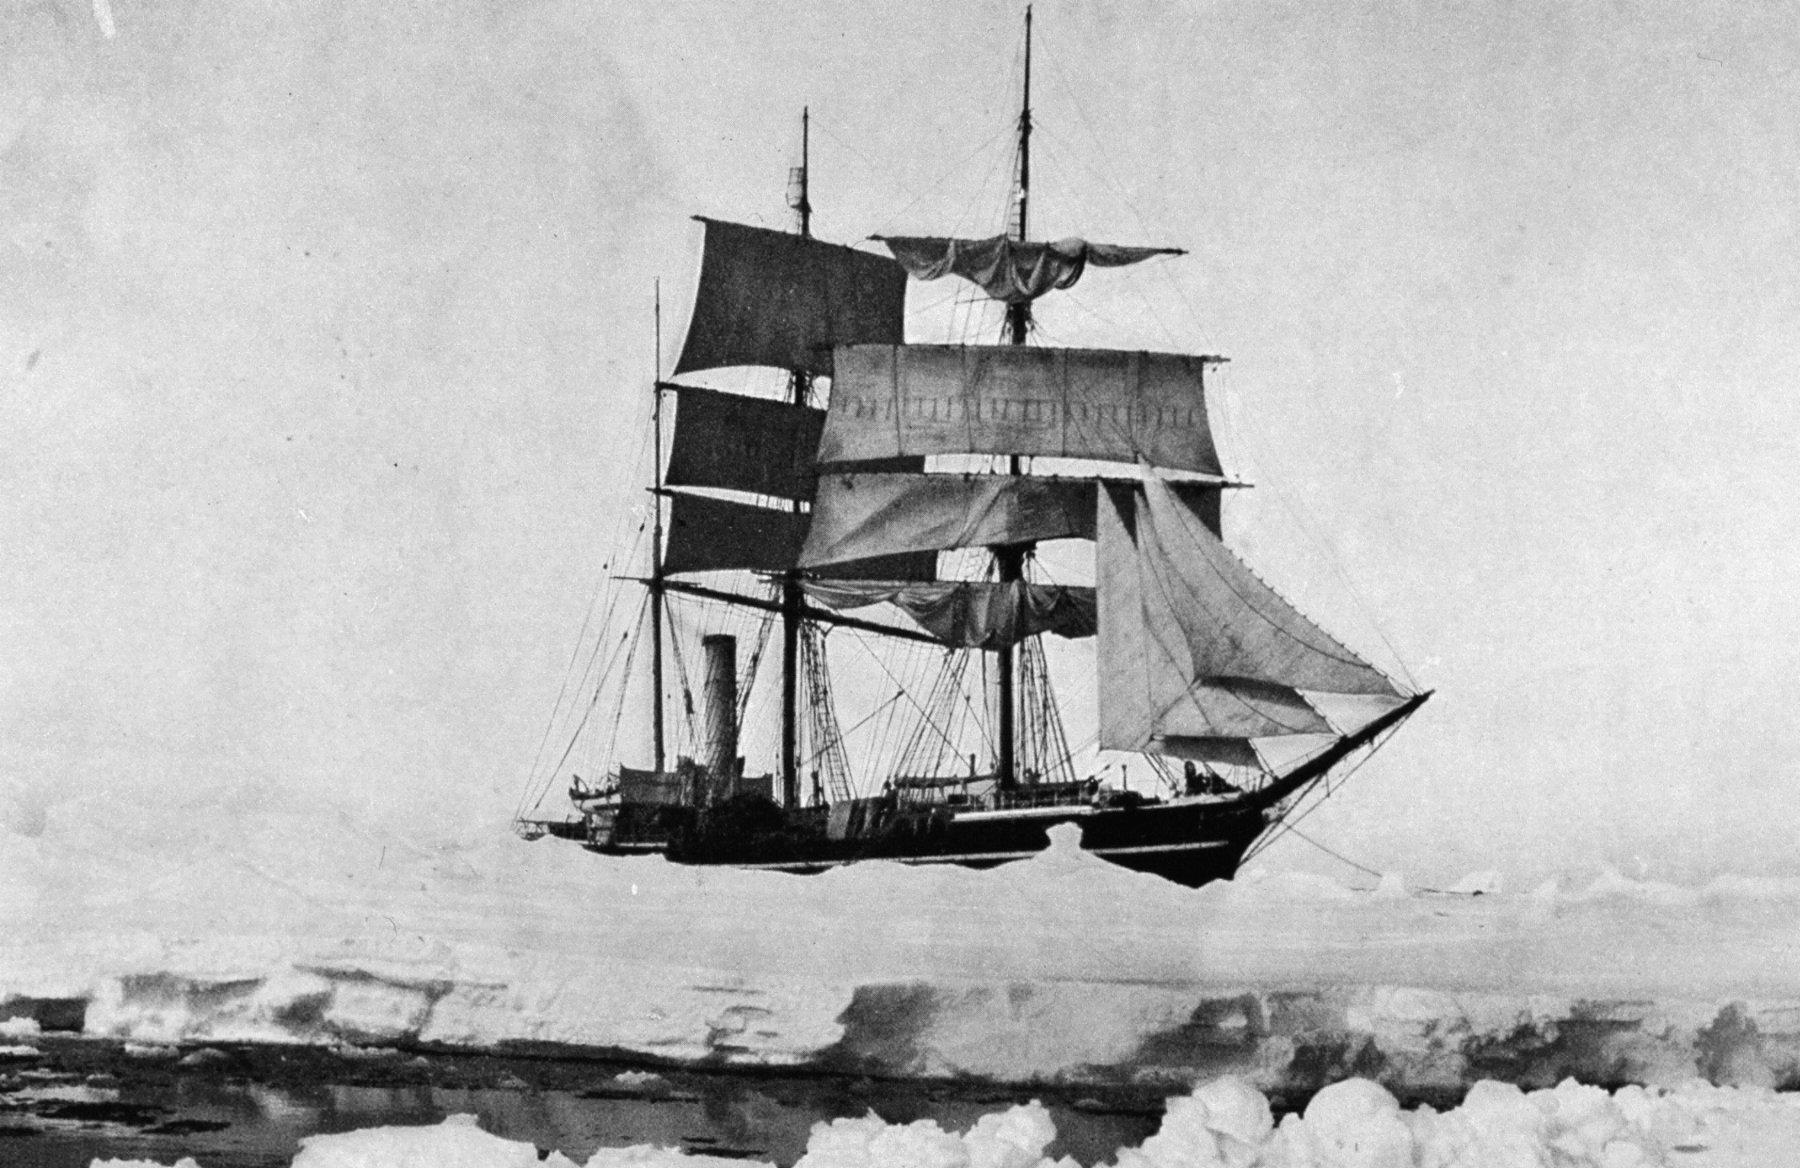 роберт скотт экспедиция терра нова корабль